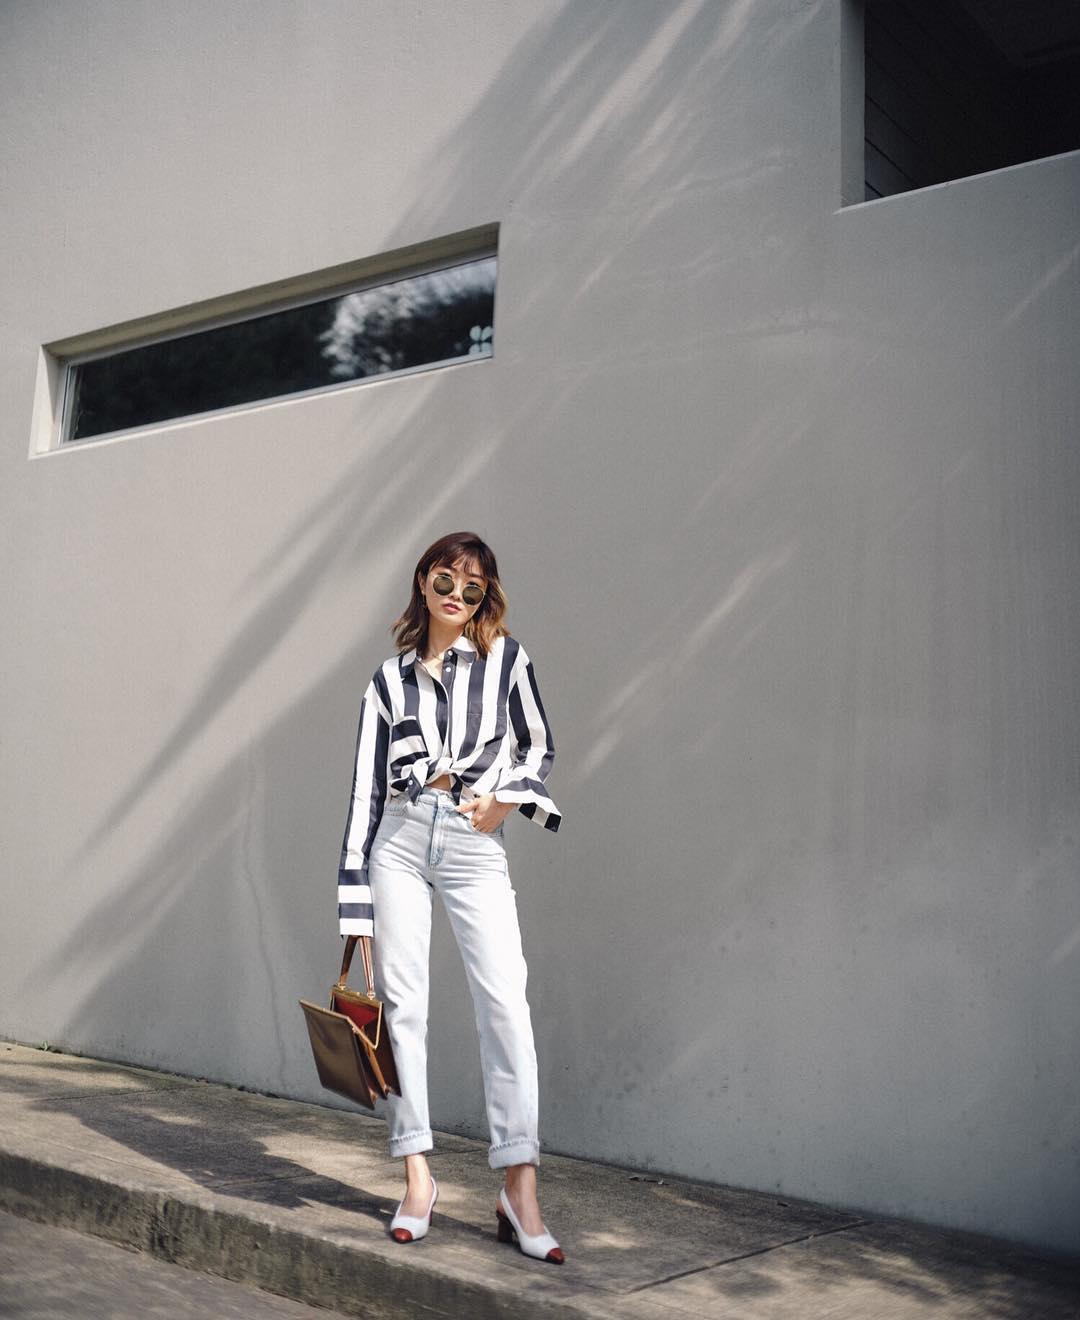 Dress code semi formal - áo sơ mi kẻ sọc, quần jeans trắng